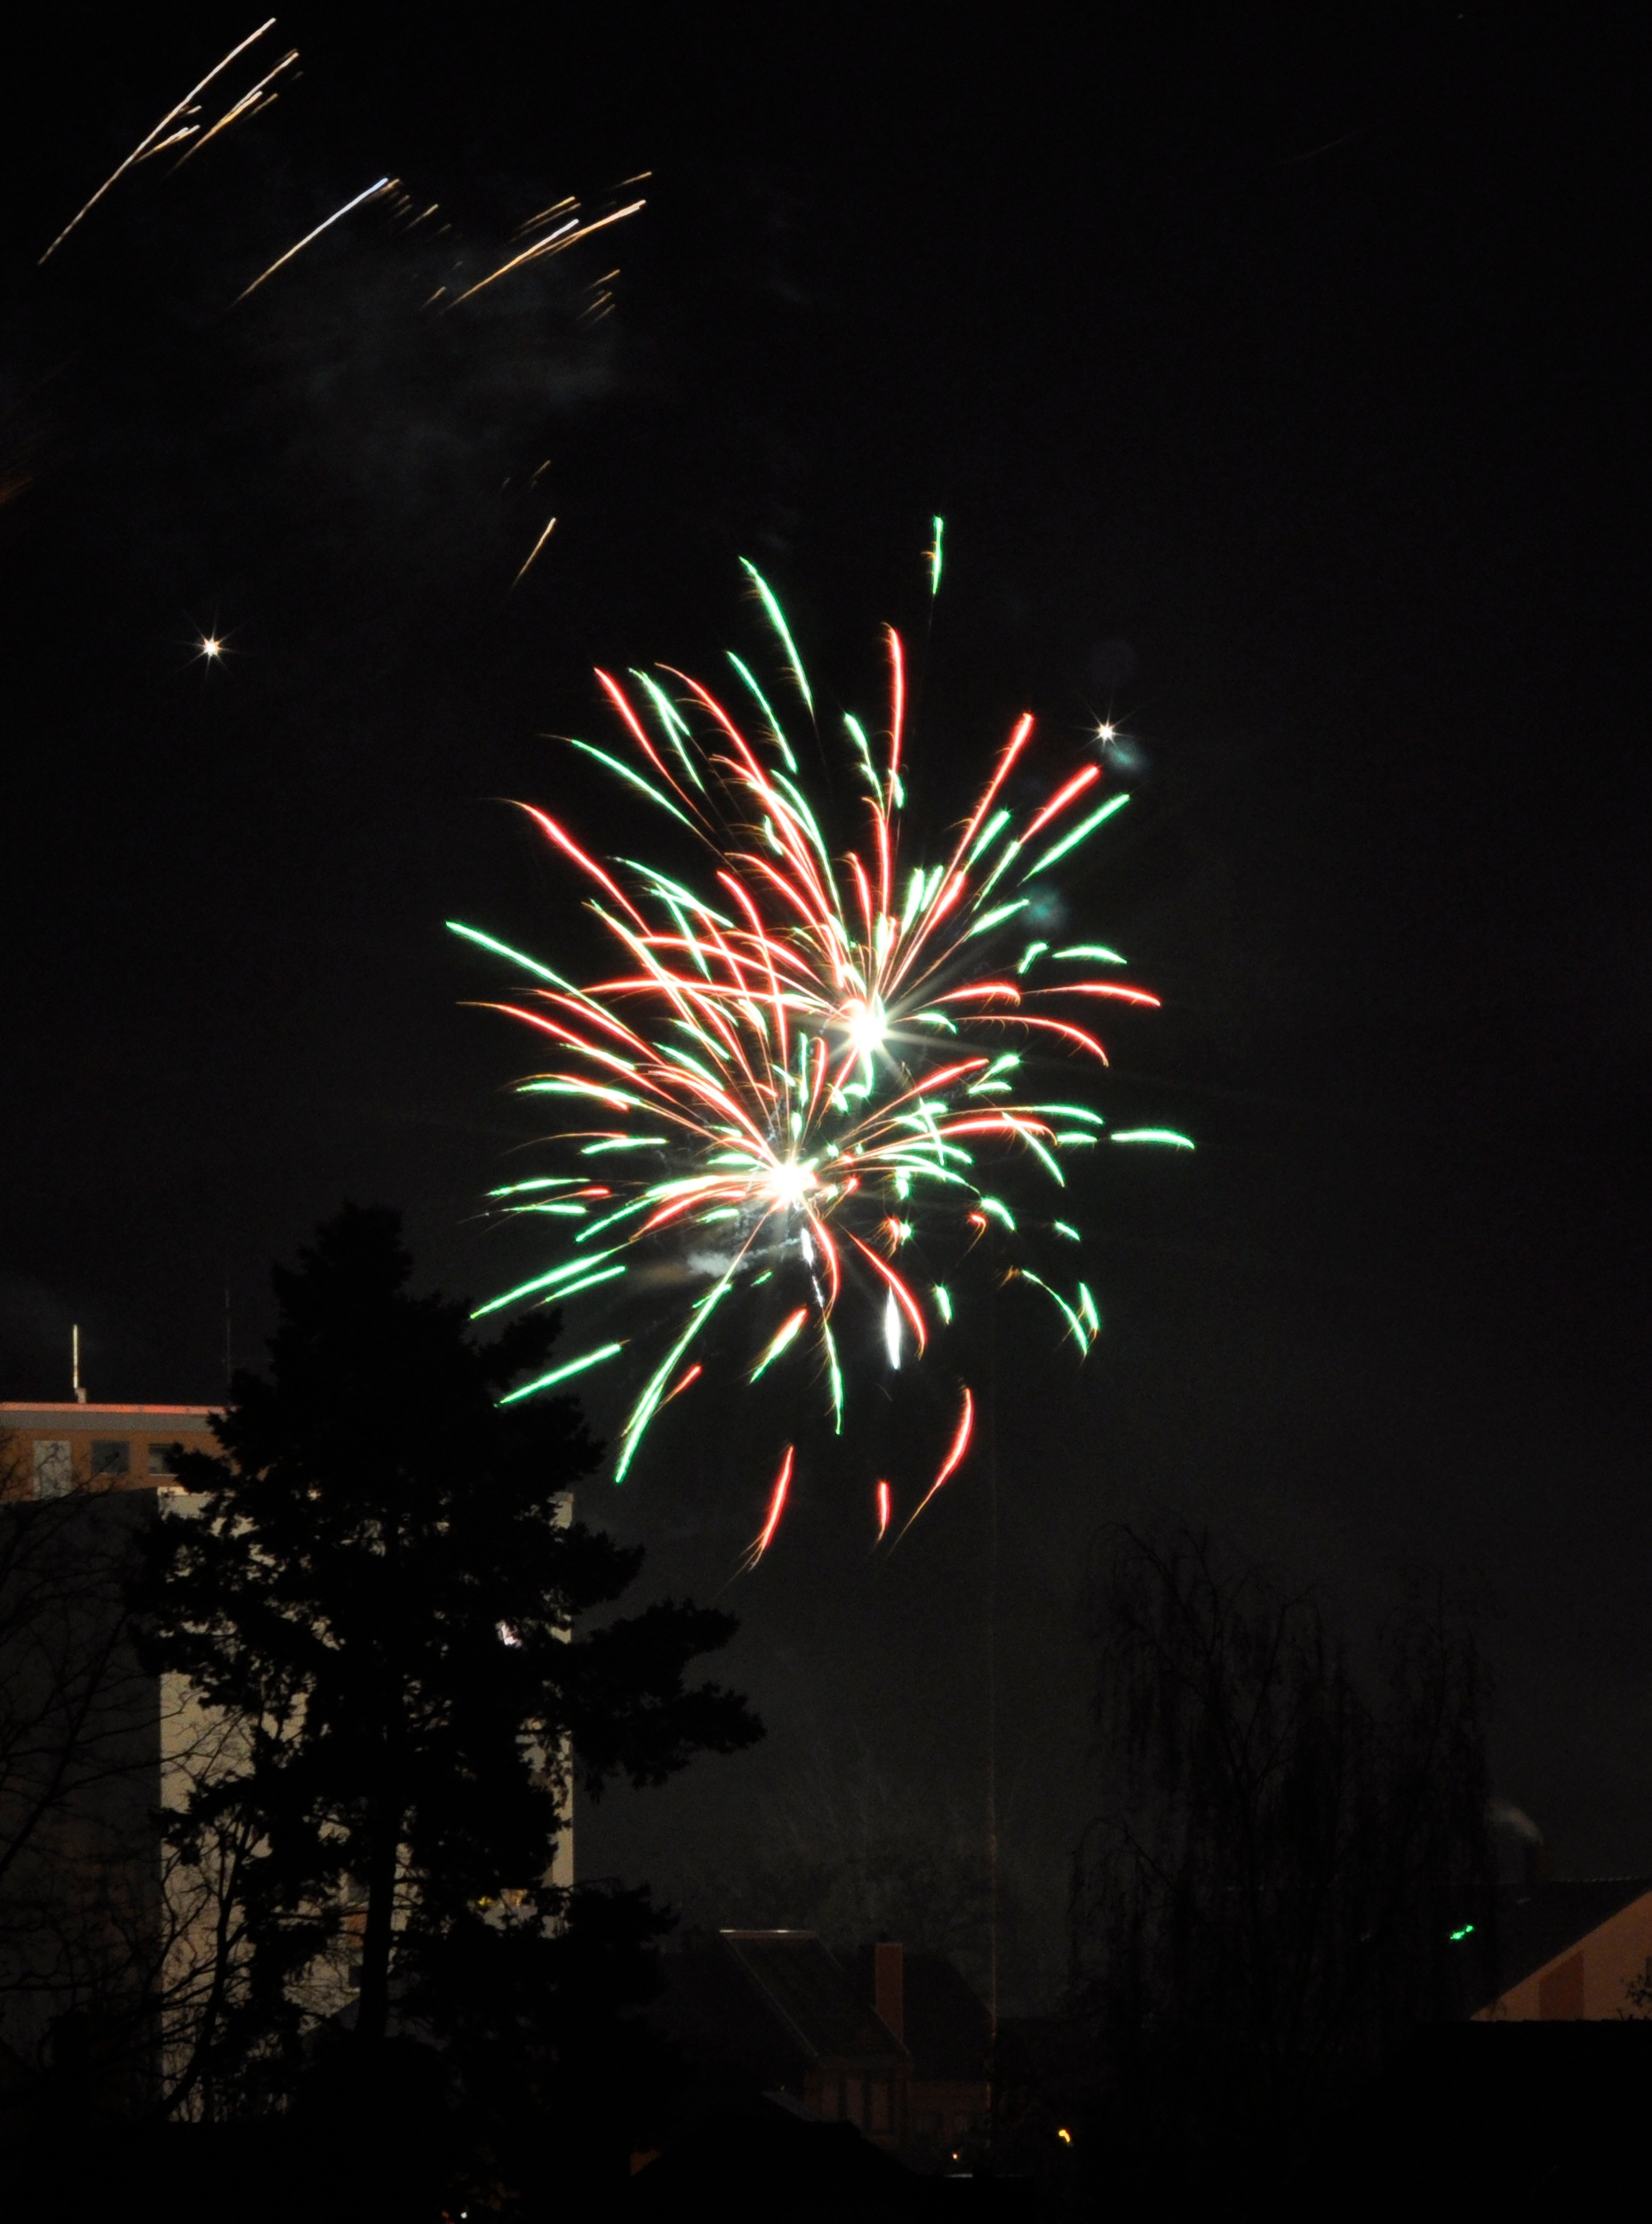 Klicken Sie auf die Grafik für eine größere Ansicht  Name:Silvester 2012 rotgrüne Rakete.JPG Hits:6084 Größe:1,53 MB ID:613683